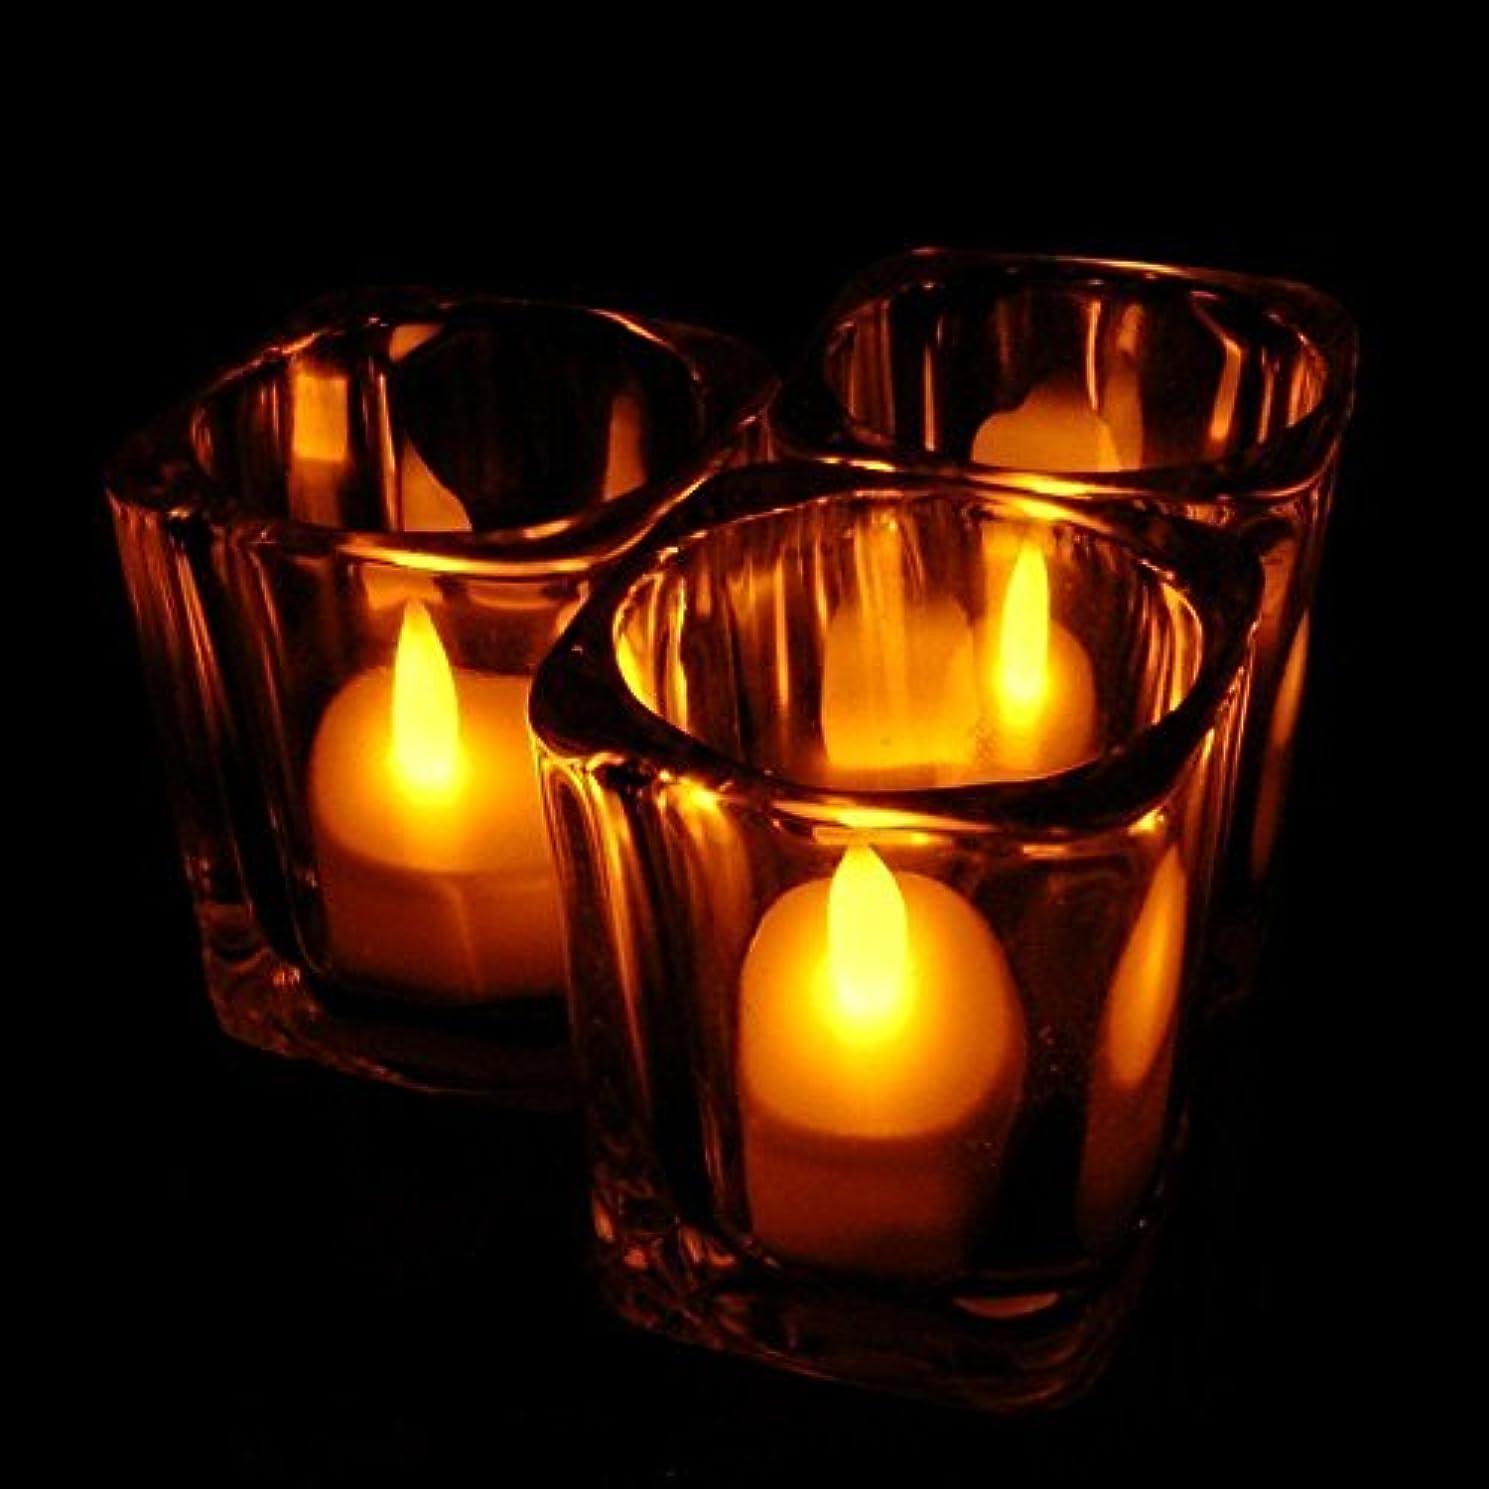 ハウス分散拡散するホット24ピースledティーライトキャンドルhouseholed velas ledバッテリ駆動フレームレスキャンドル教会とホームdecoartionと照明